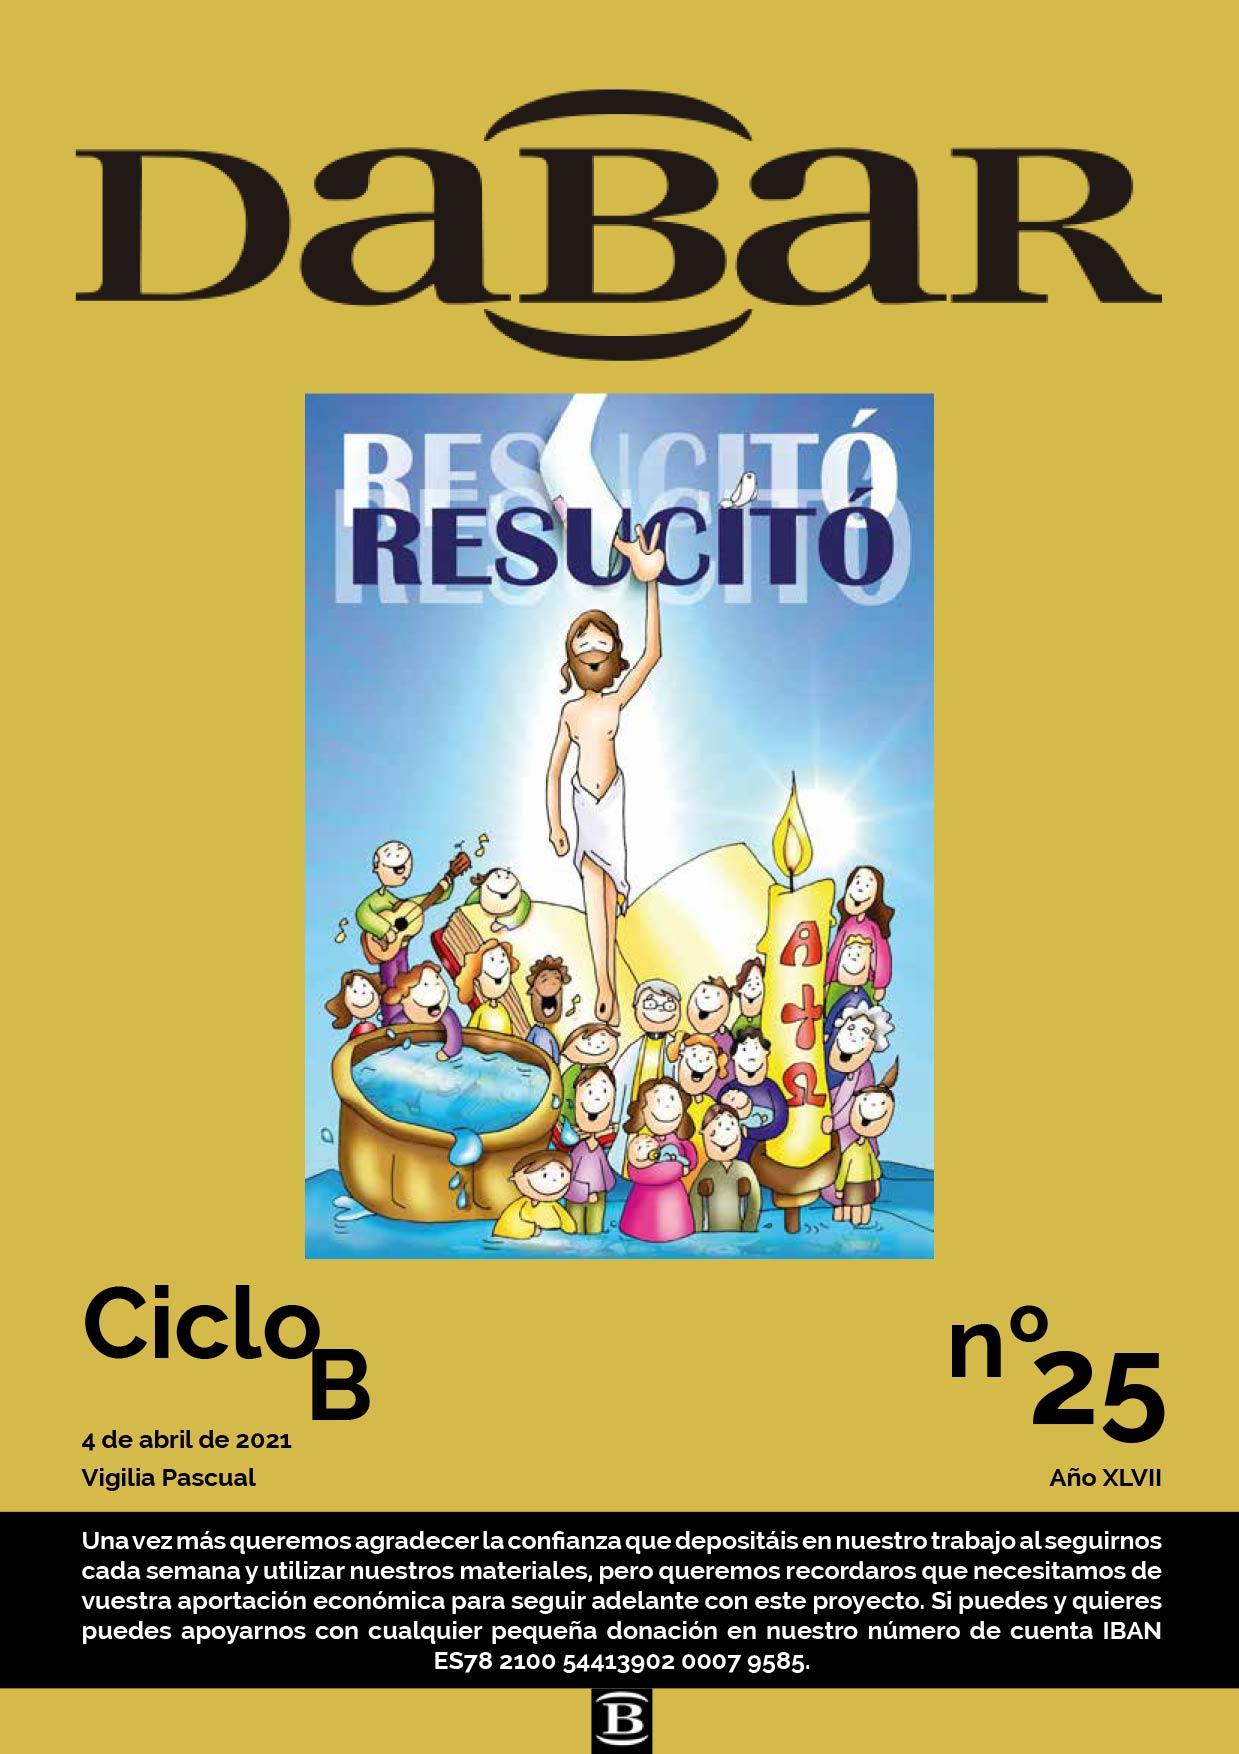 Dabar Revista numero 25 ciclo B